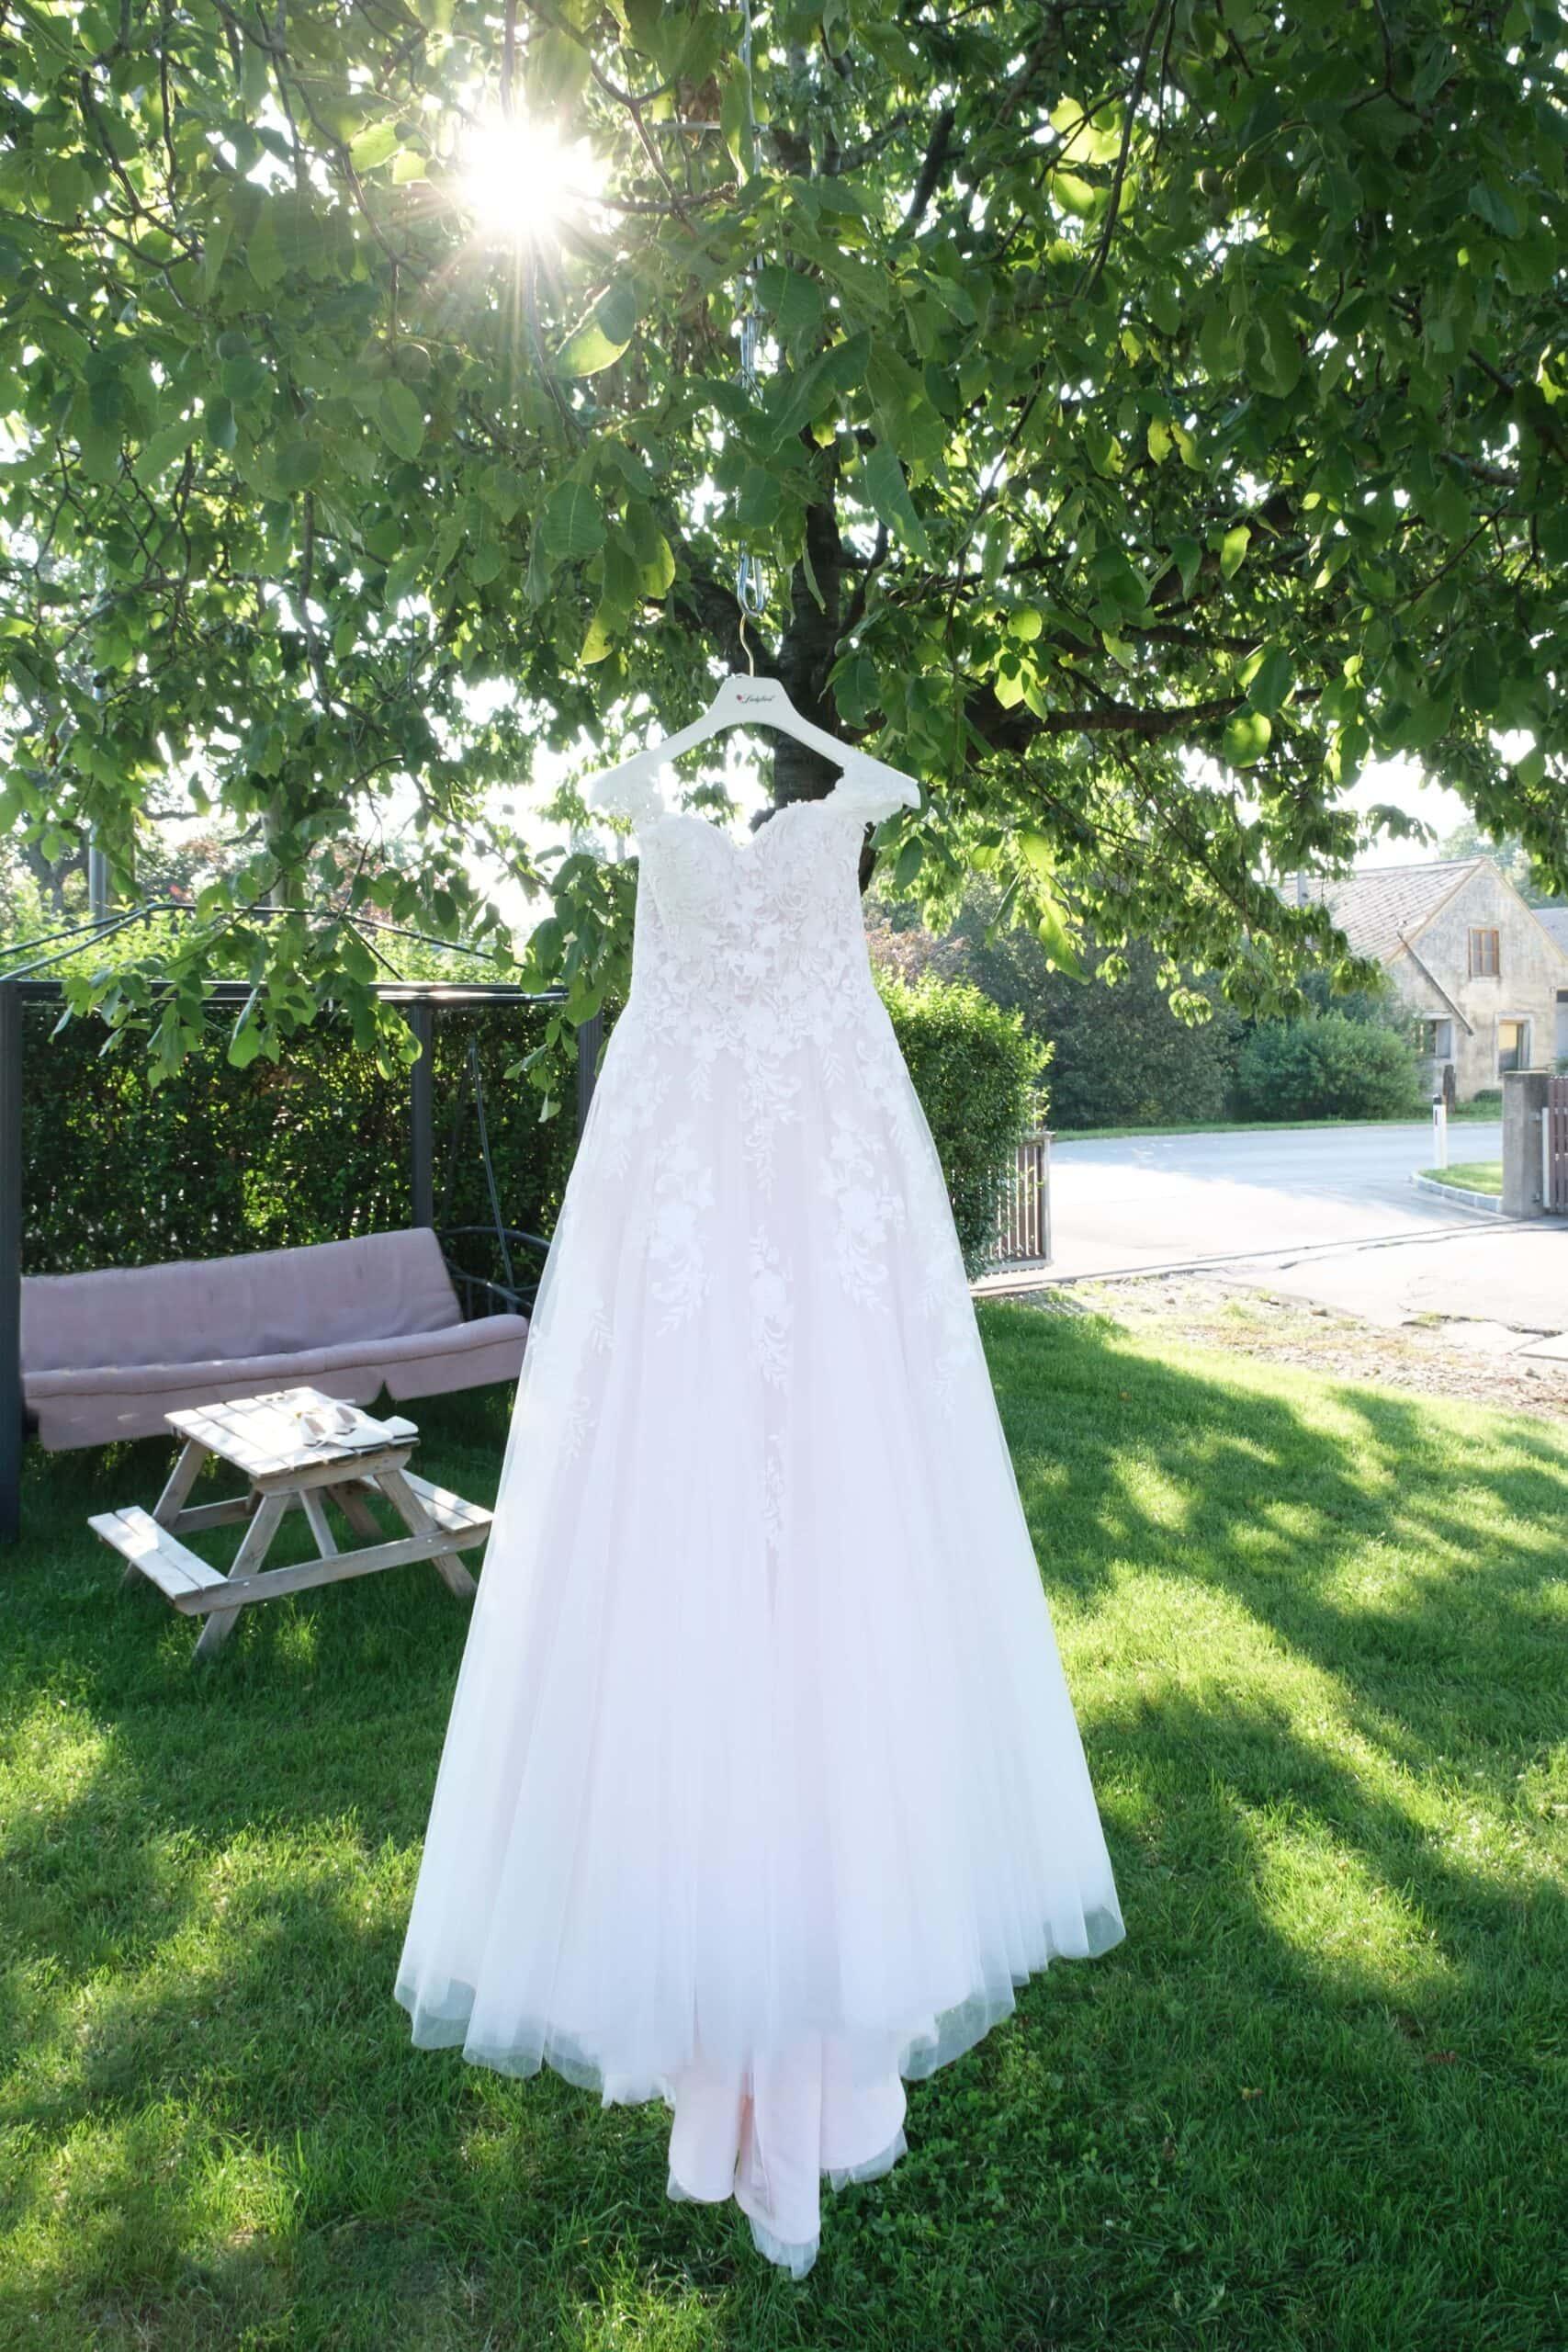 Hochzeitskleid im Freien mit Sonne